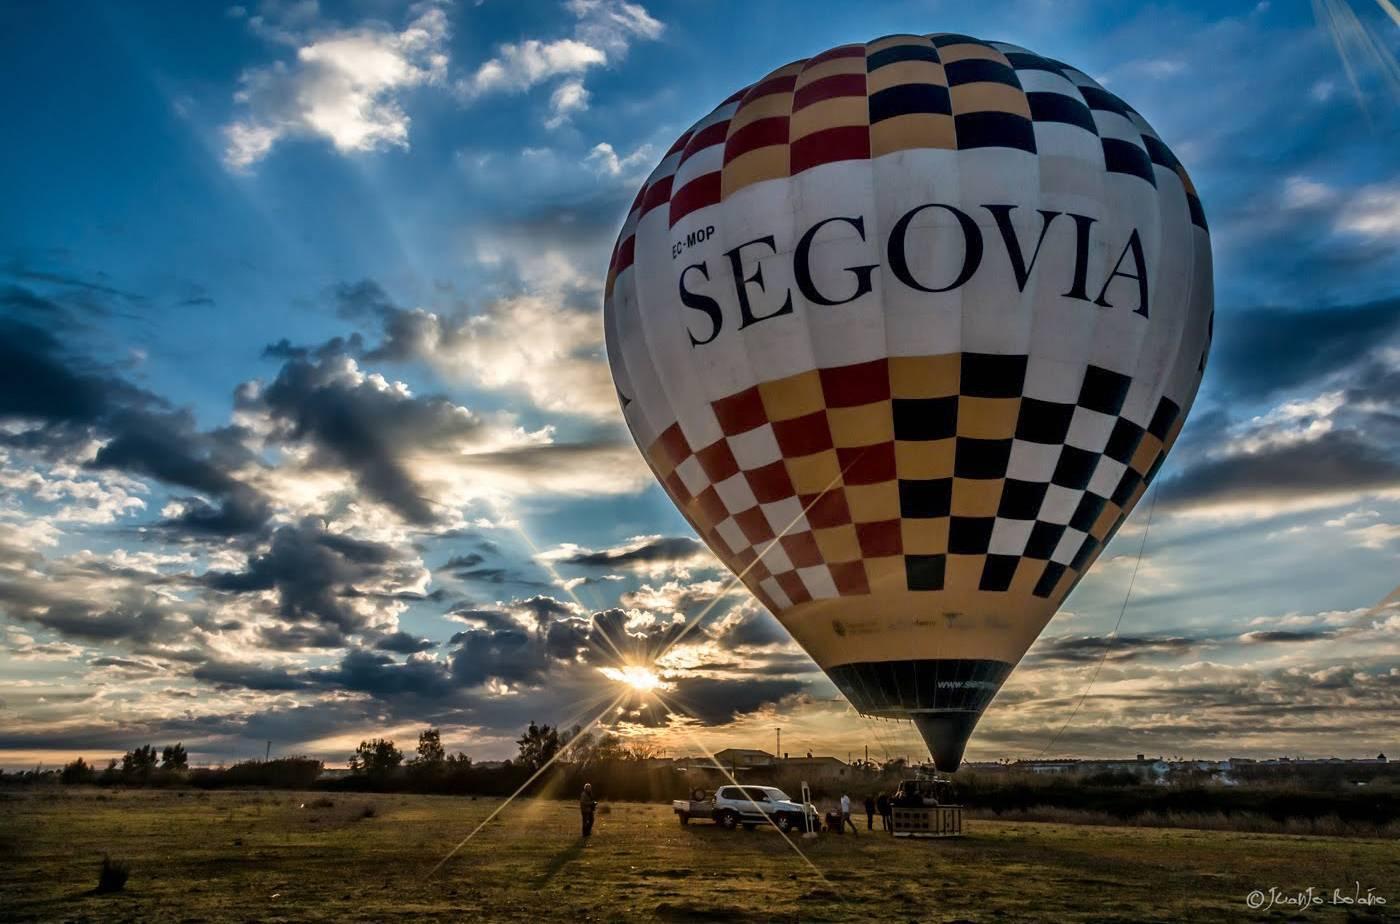 El globo accesible de Segovia